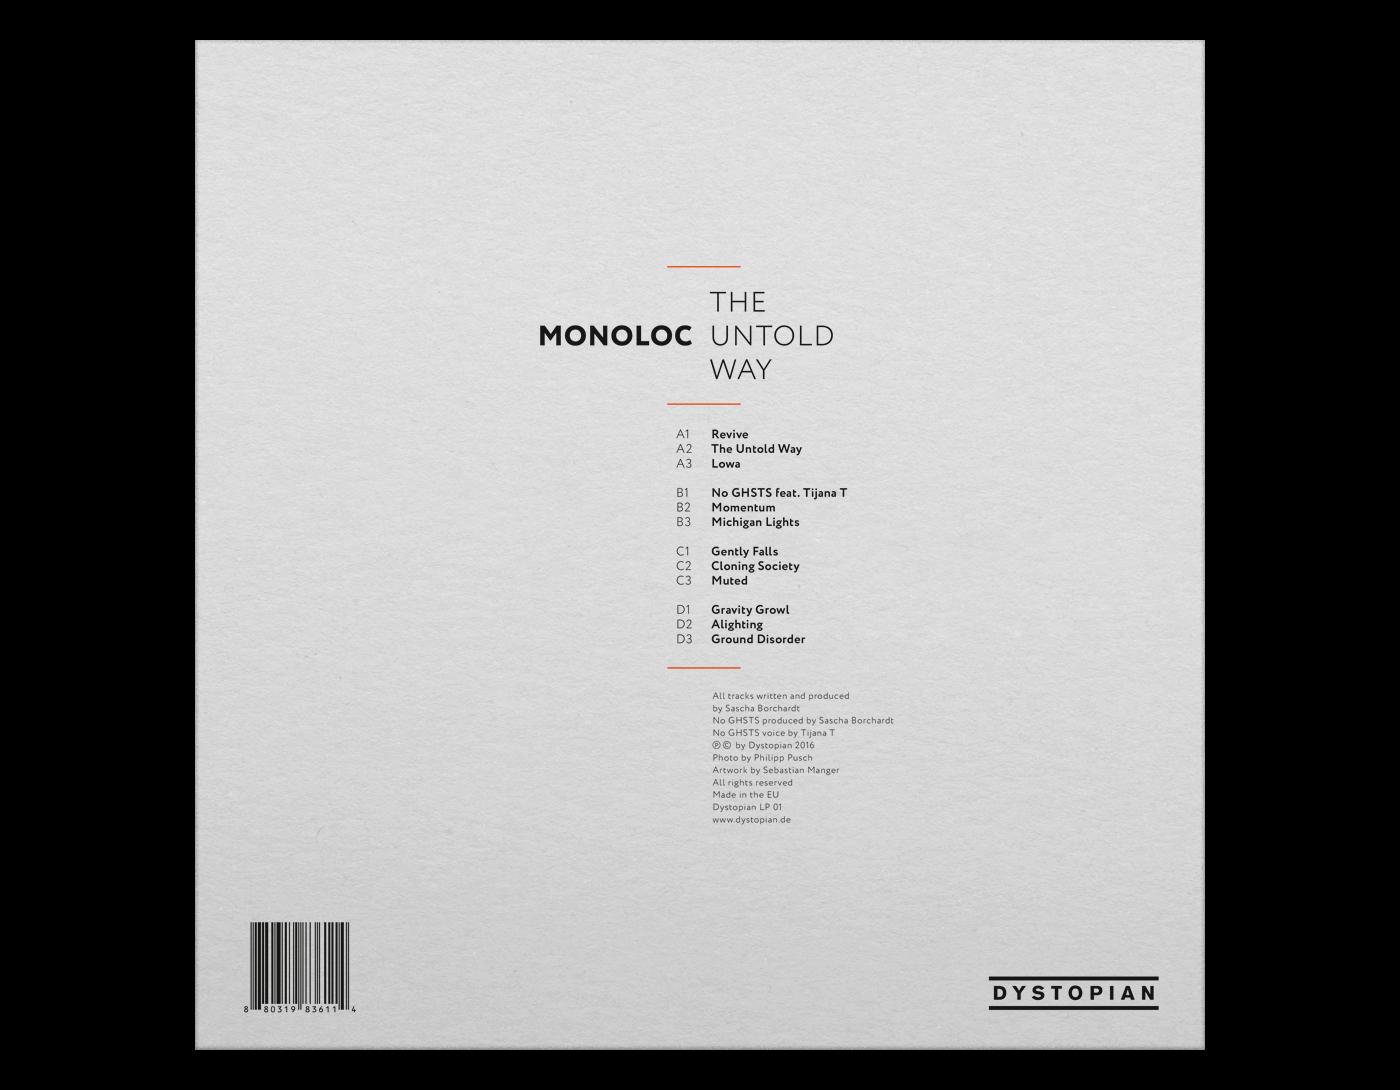 LP01-B